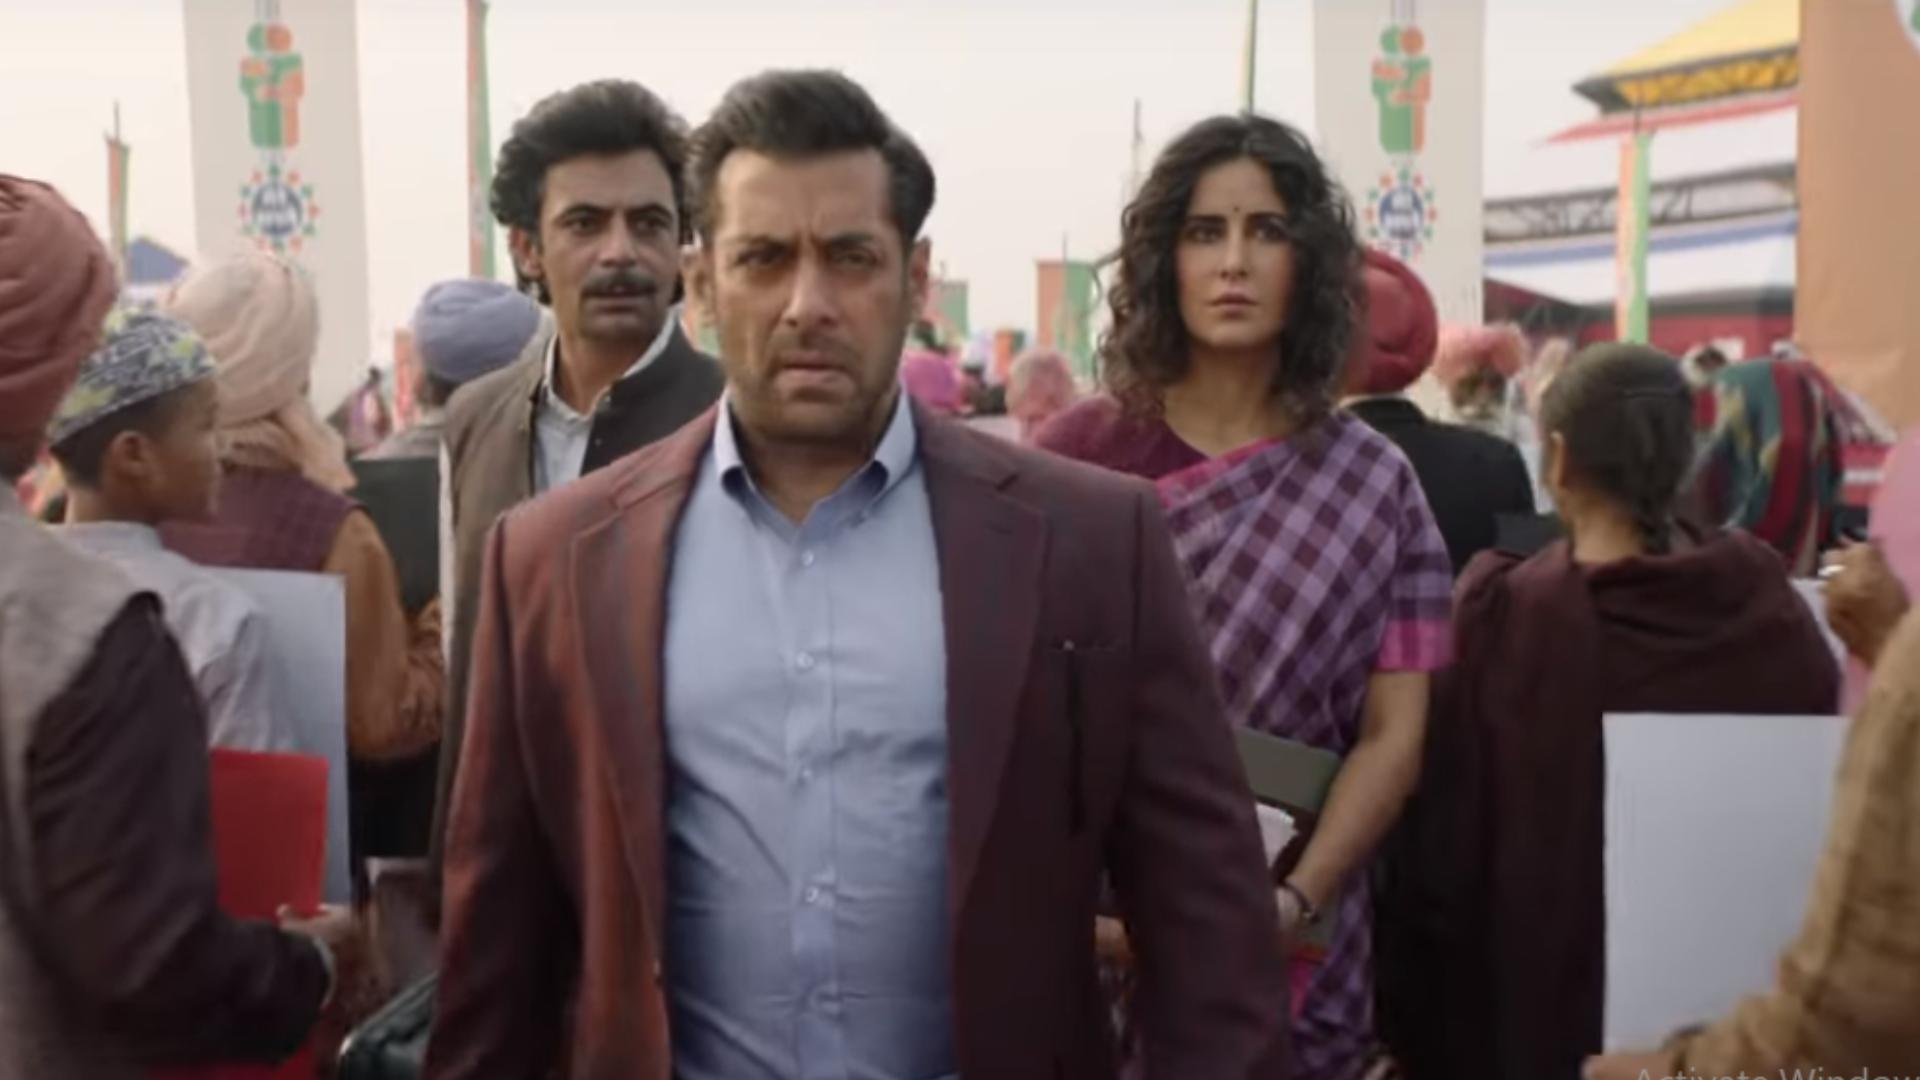 Bharat Movie Song: सलमान खान की फिल्म का चौथा गाना 'जिंदा' हुआ रिलीज, इमोशन और एक्शन का दिखा भरपूर डोज